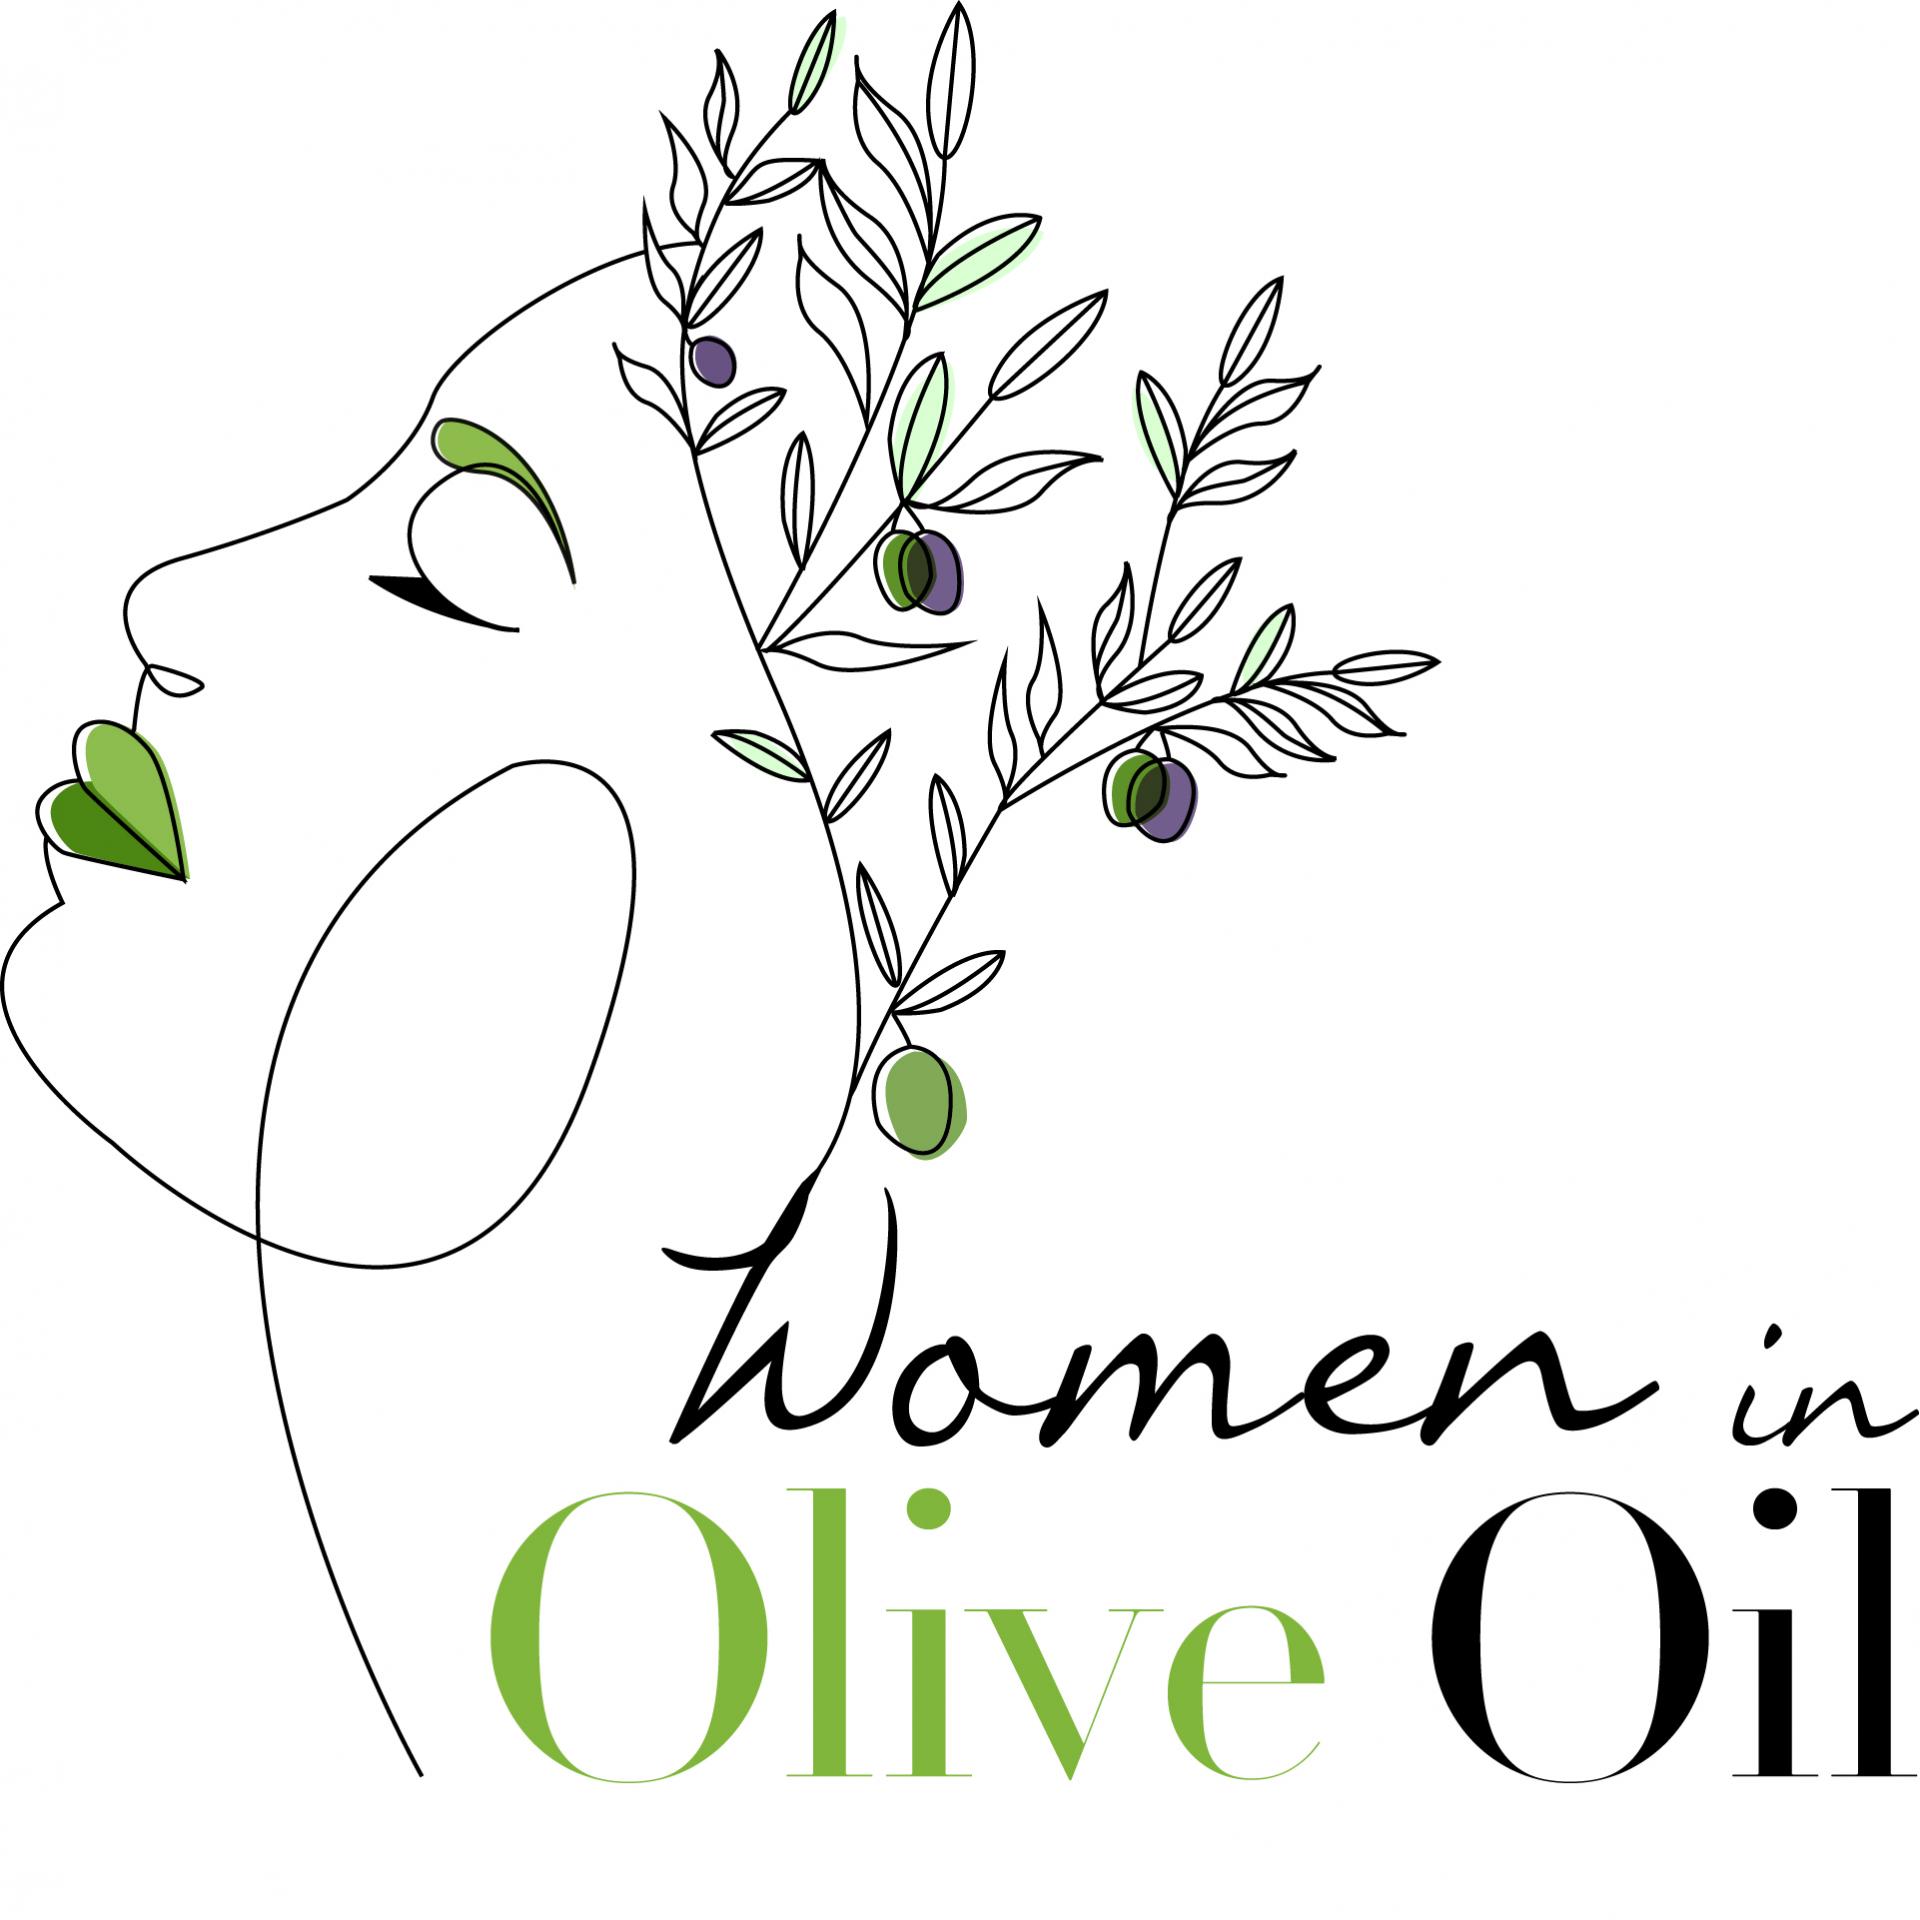 L'esordio sulla scena internazionale di Women in Olive Oil